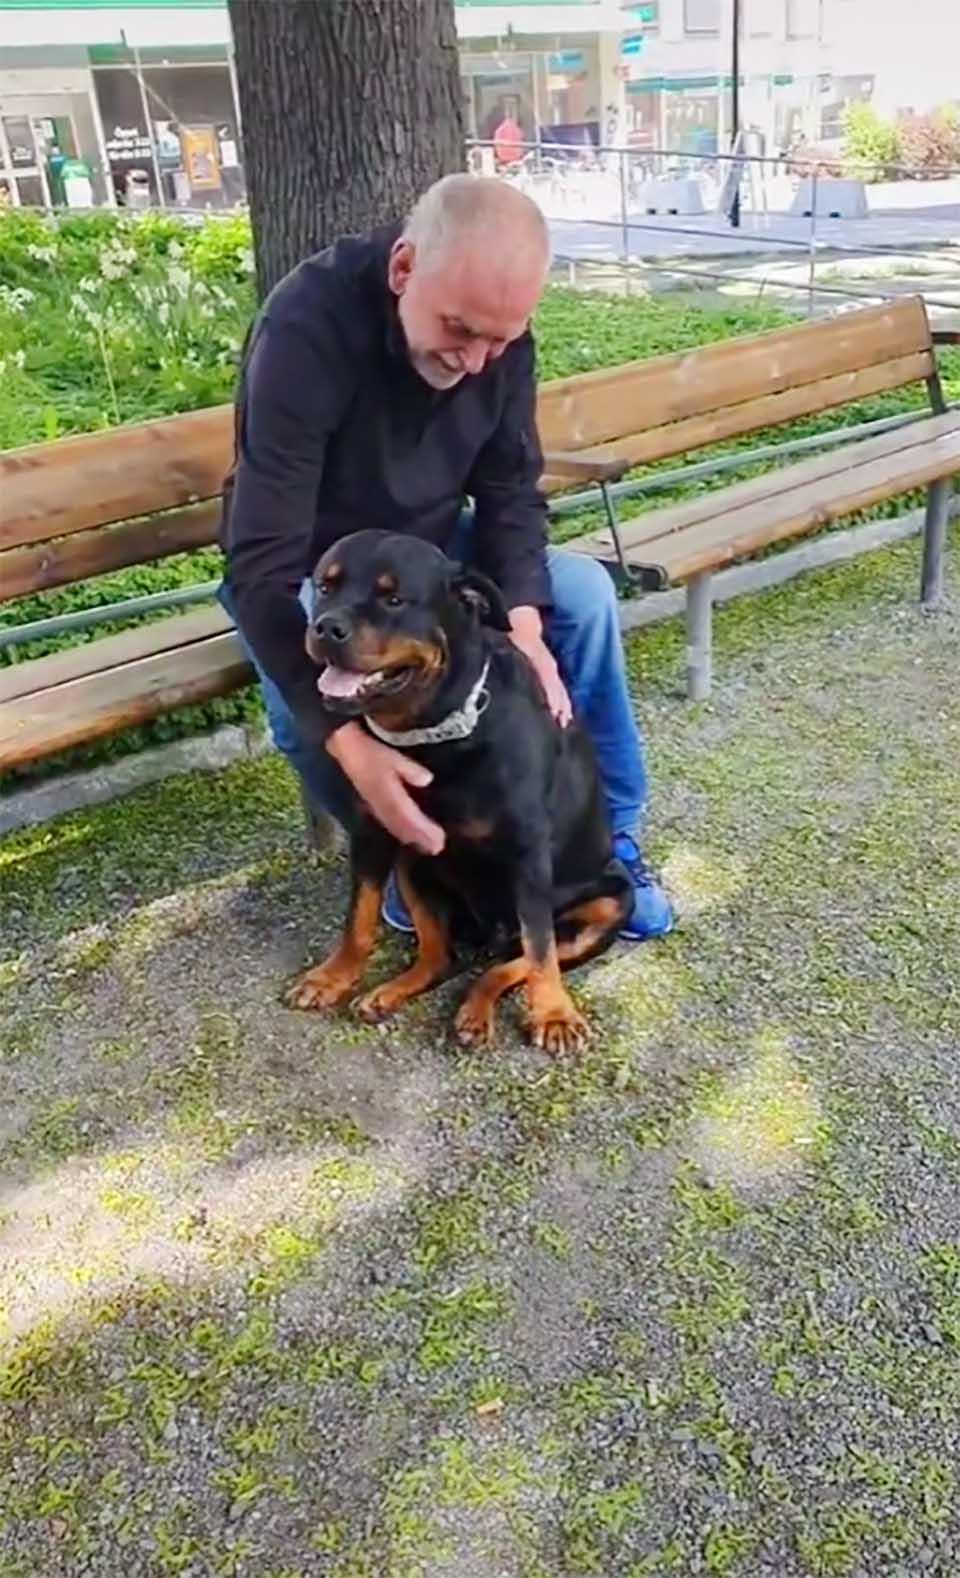 Perro consuela a un extraño en el parque